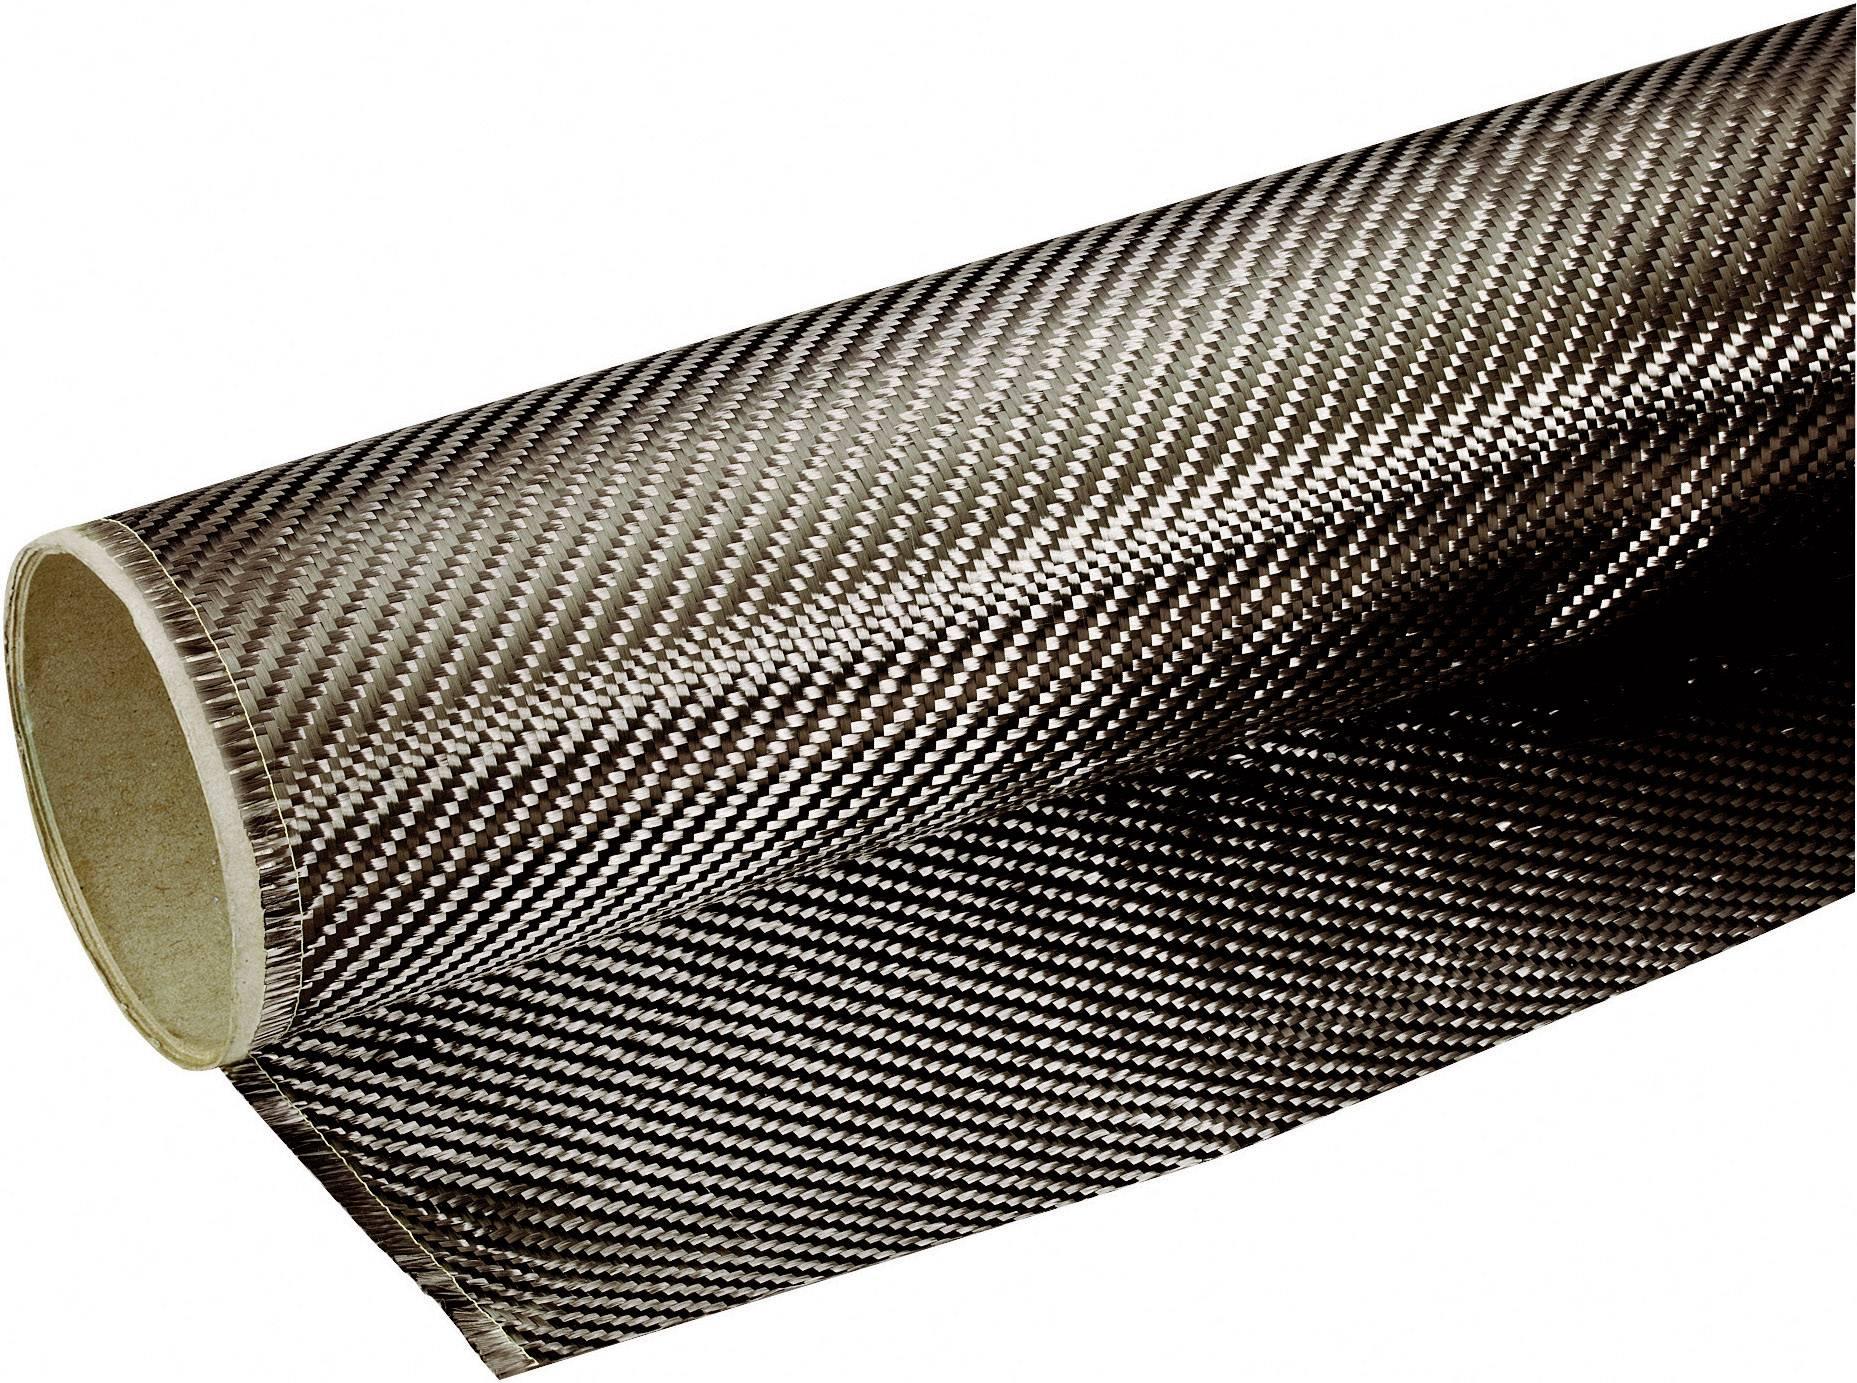 Tkanina z uhlíkových vláken Toolcraft 190, 160 g/m2, 0,5 m2, kepr